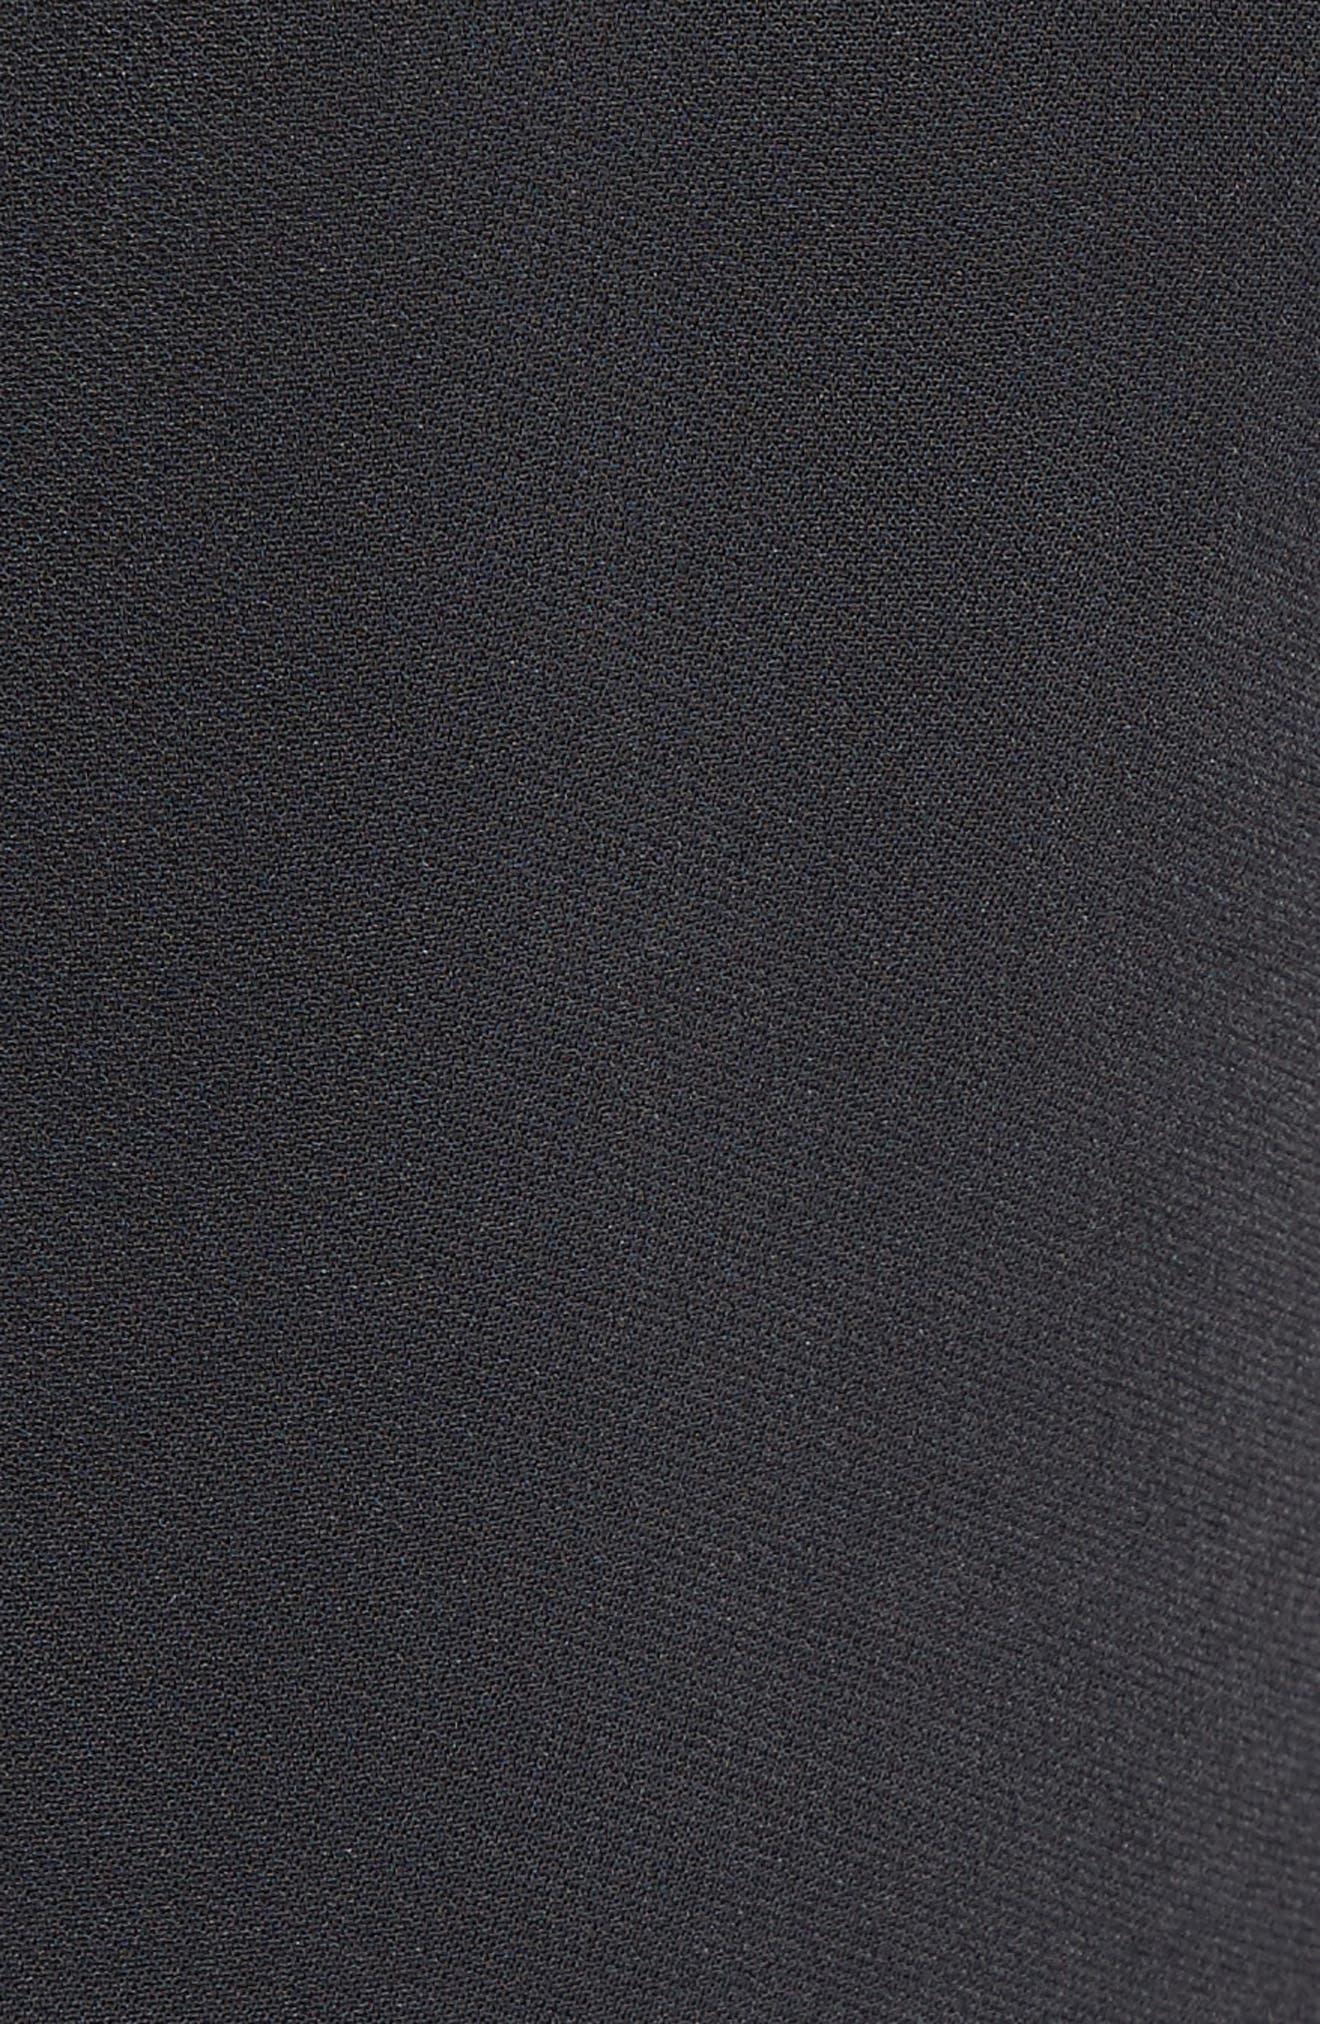 Alternate Image 3  - Adam Lippes Pleated Fit & Flare Minidress